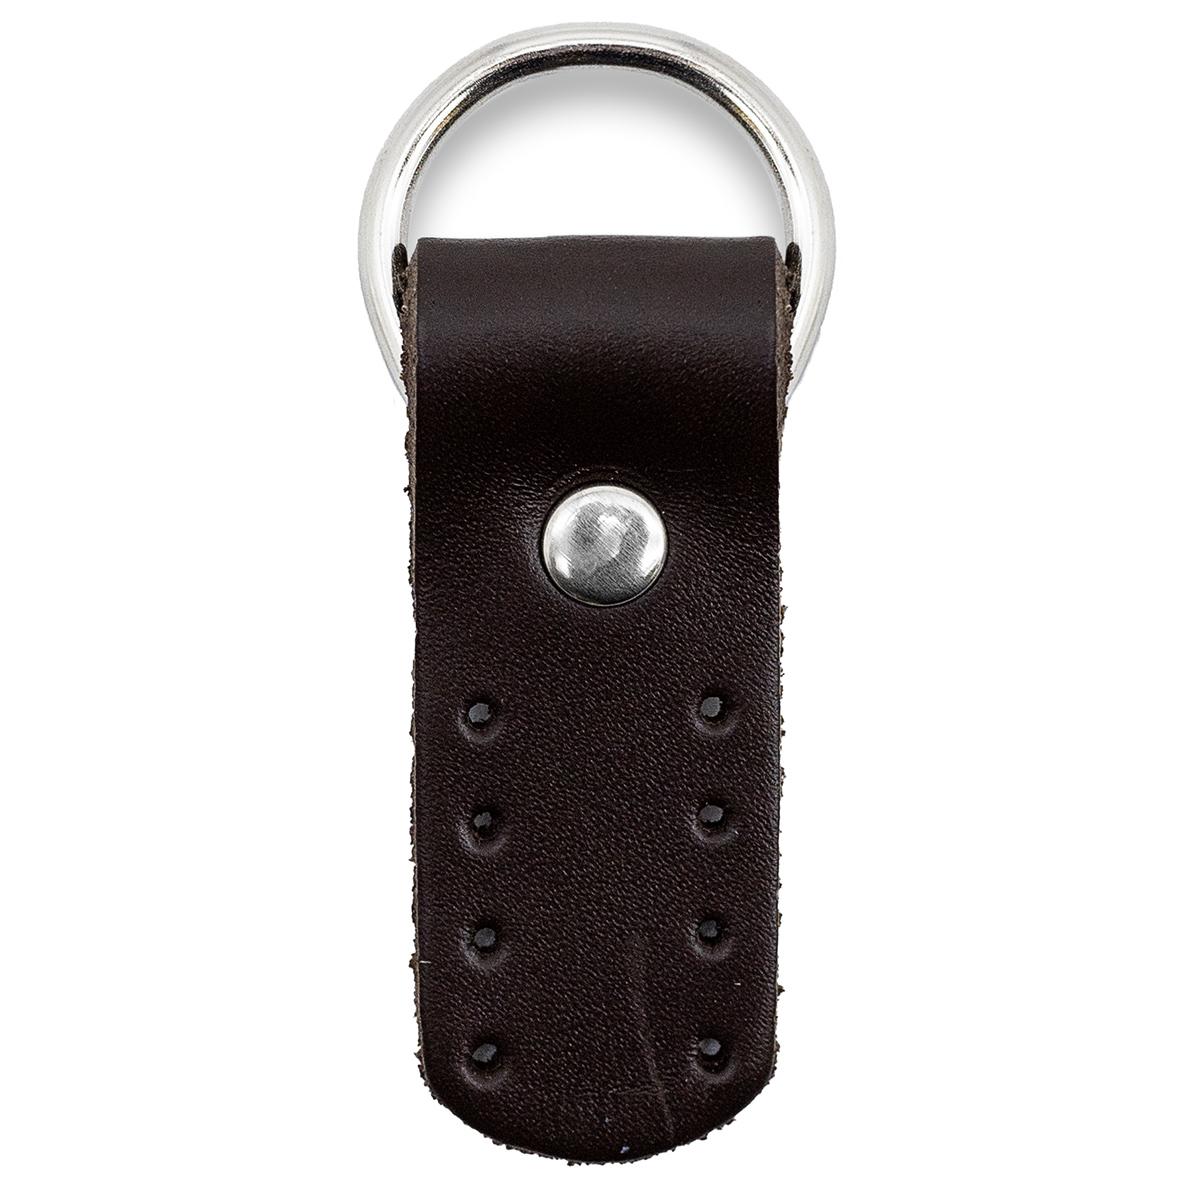 Петельки для сумки кожаные 2*5,4см , дизайн №911, 100% кожа, уп.2шт